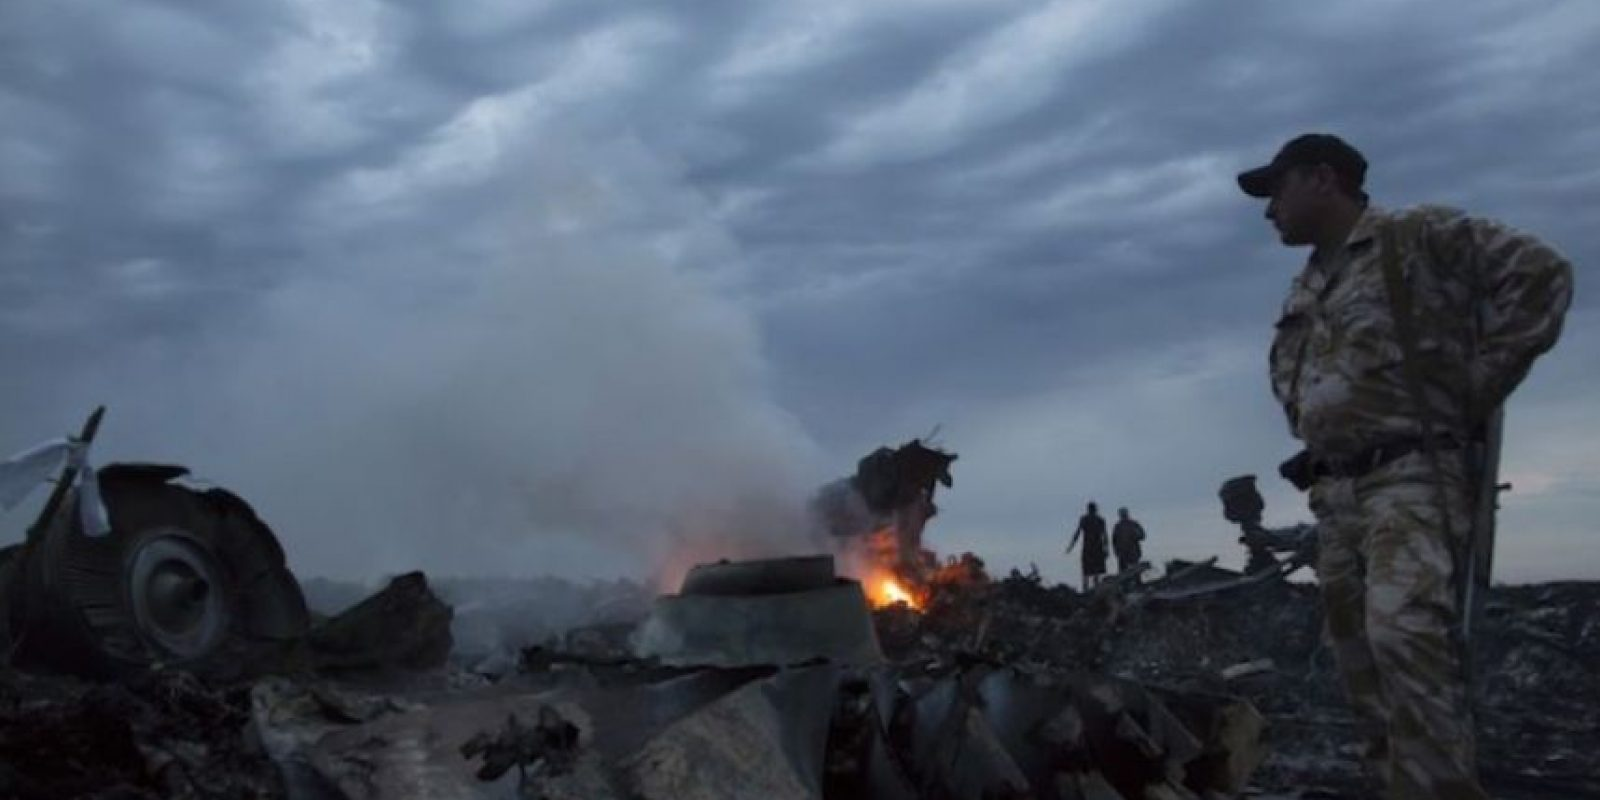 Hubo un gran debate internacional, pues se acusó a Rusia y a Ucrania por lo sucedido. Foto:vía AP